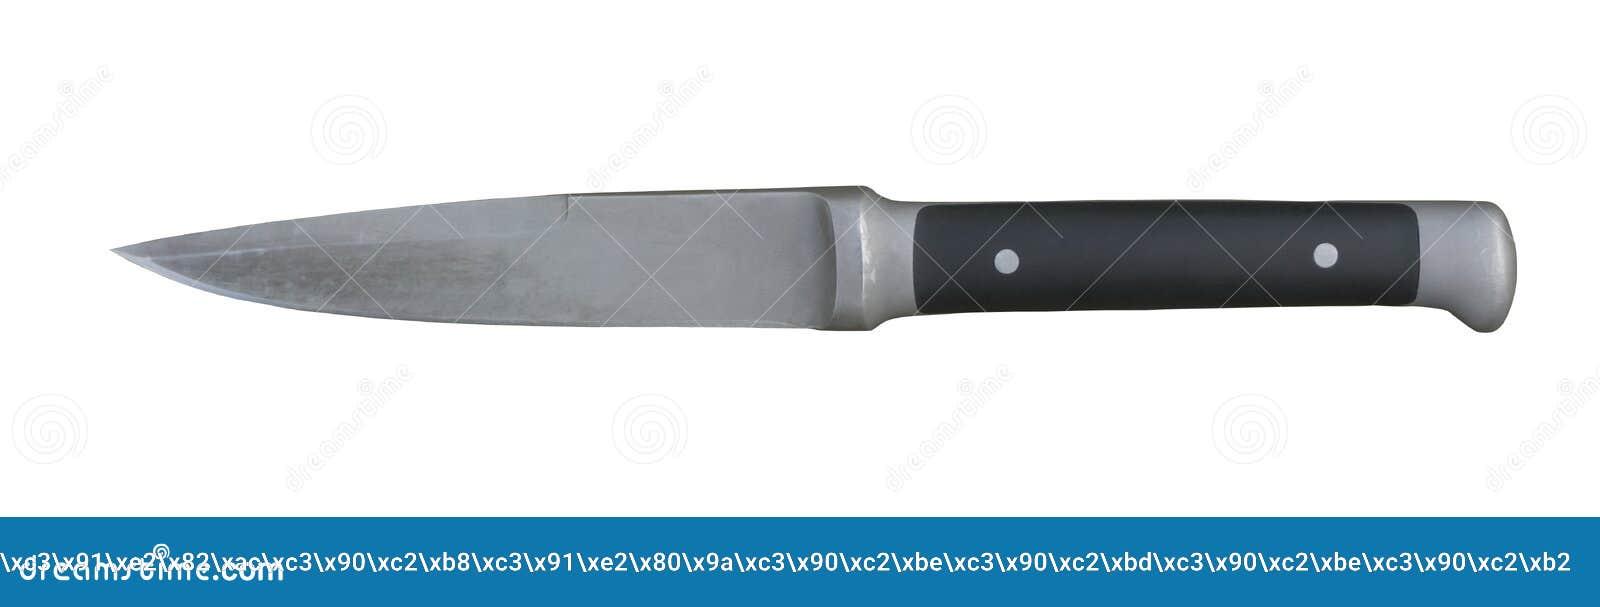 Cuchillo militar de la bota aislado